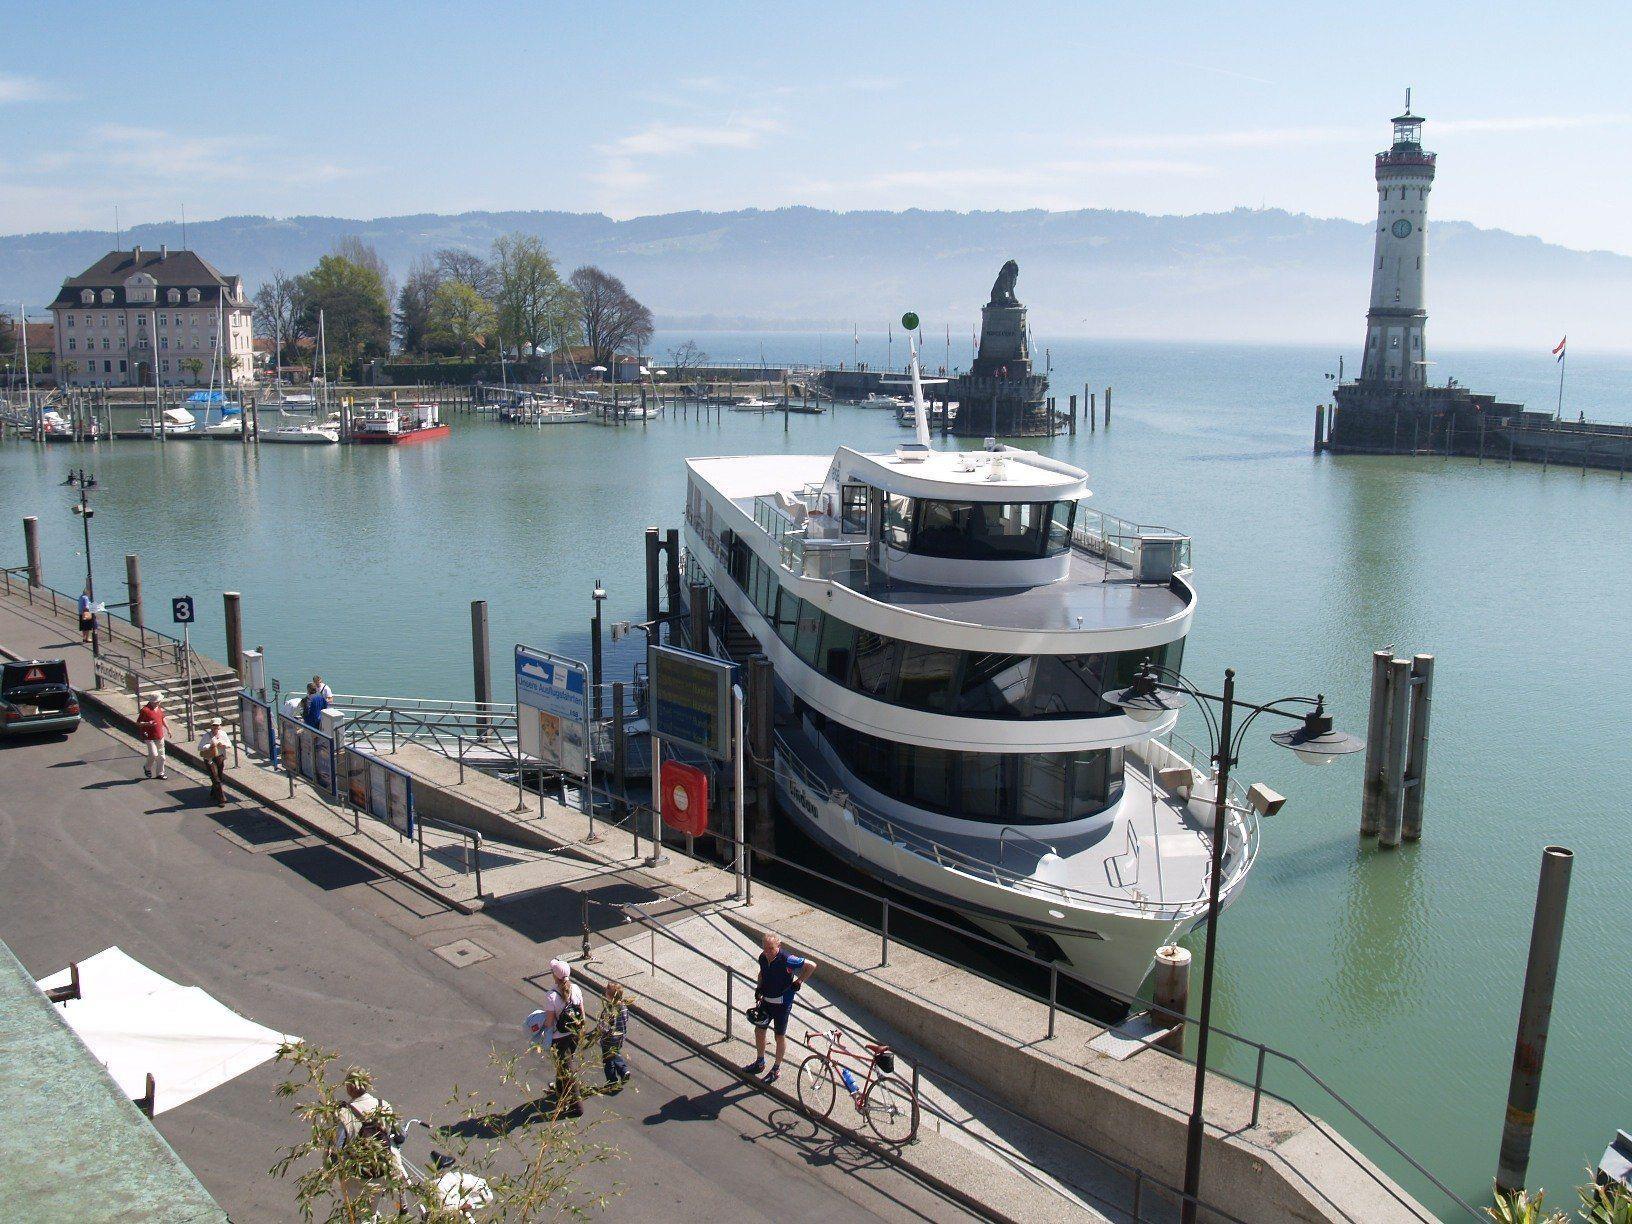 Bodenseeschiff mit Laser bestrahlt - die Lindauer Polizei ermittelt. (Themenbild)